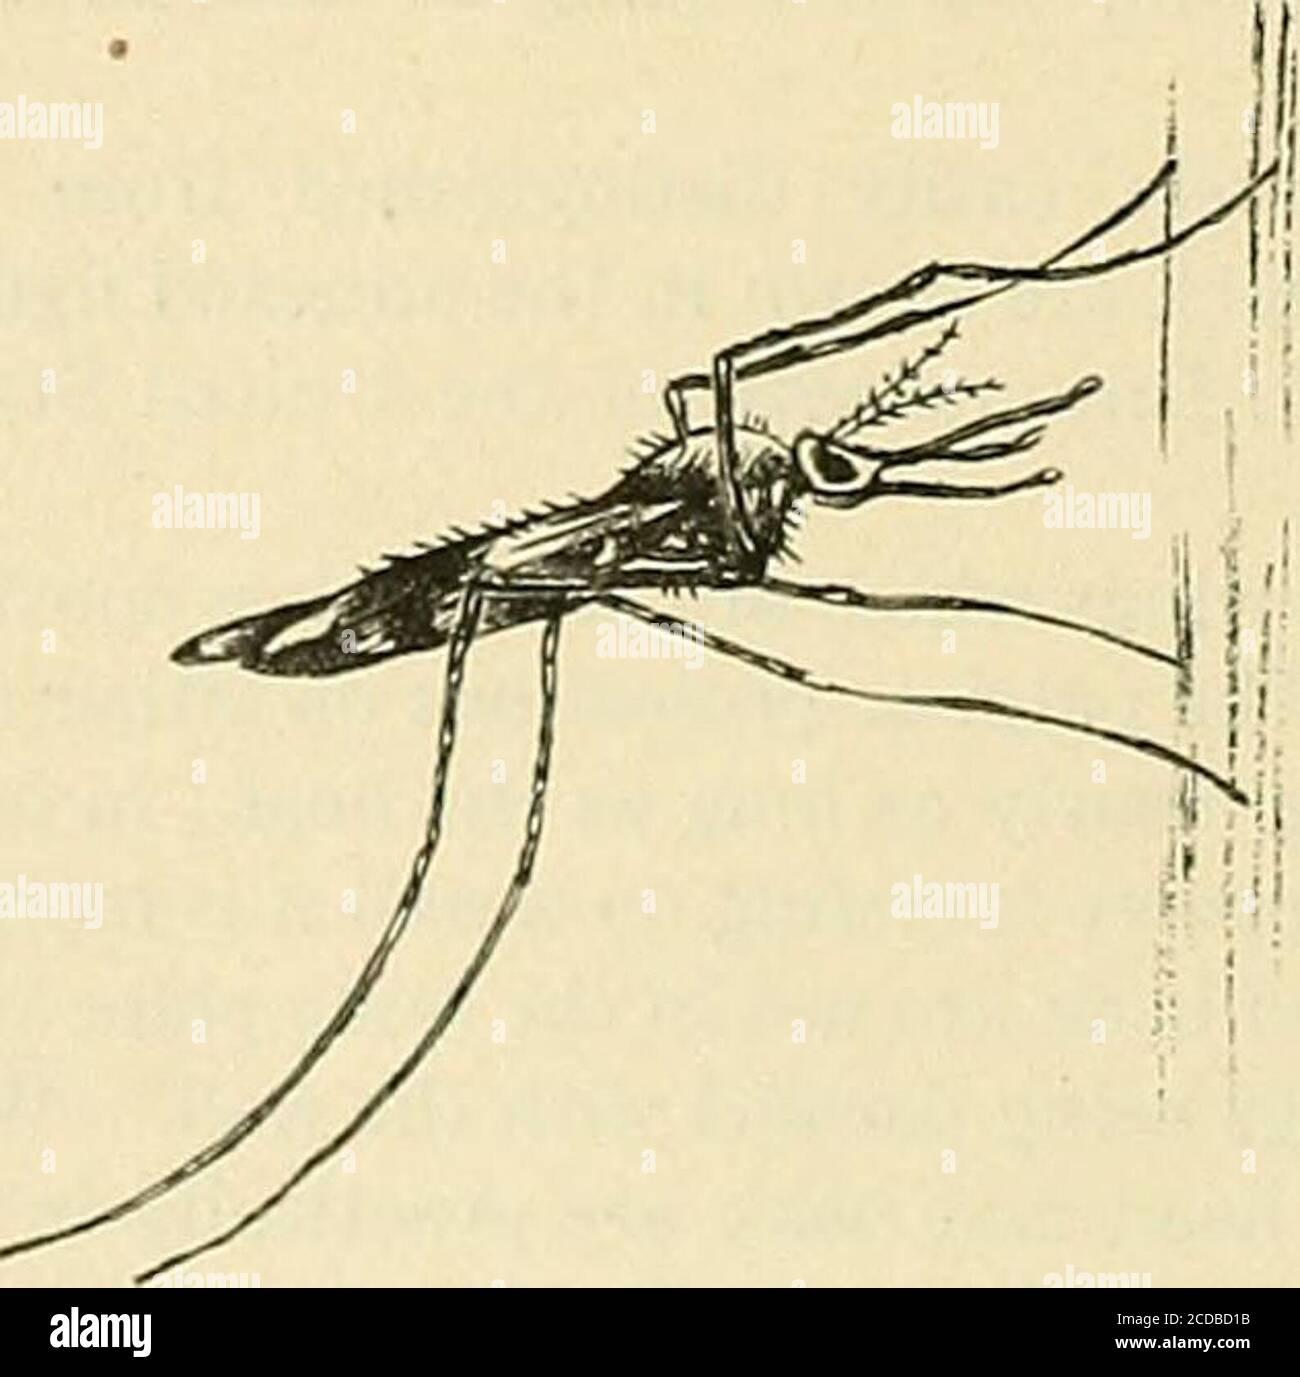 . Die Praxis der Medizin; ein Lehrbuch für Praktiker und Studenten, mit besonderem Bezug auf Diagnose und Behandlung . Abb. 8. – Anopheles piinctipennis – weiblich, mit männlicher Antenne links, und Flügeltopblechung links, vergrößert. Abb. 9. – Culex taniorhynchus – weiblich, zeigt den kurzen Palpi, der sich von Anopheles unterscheidet; gezahnte vordere Tarsalclaw rechts, vergrößert.. Abb. 10. – Ruheposition der Anopheles, vergrößert. Stockfoto